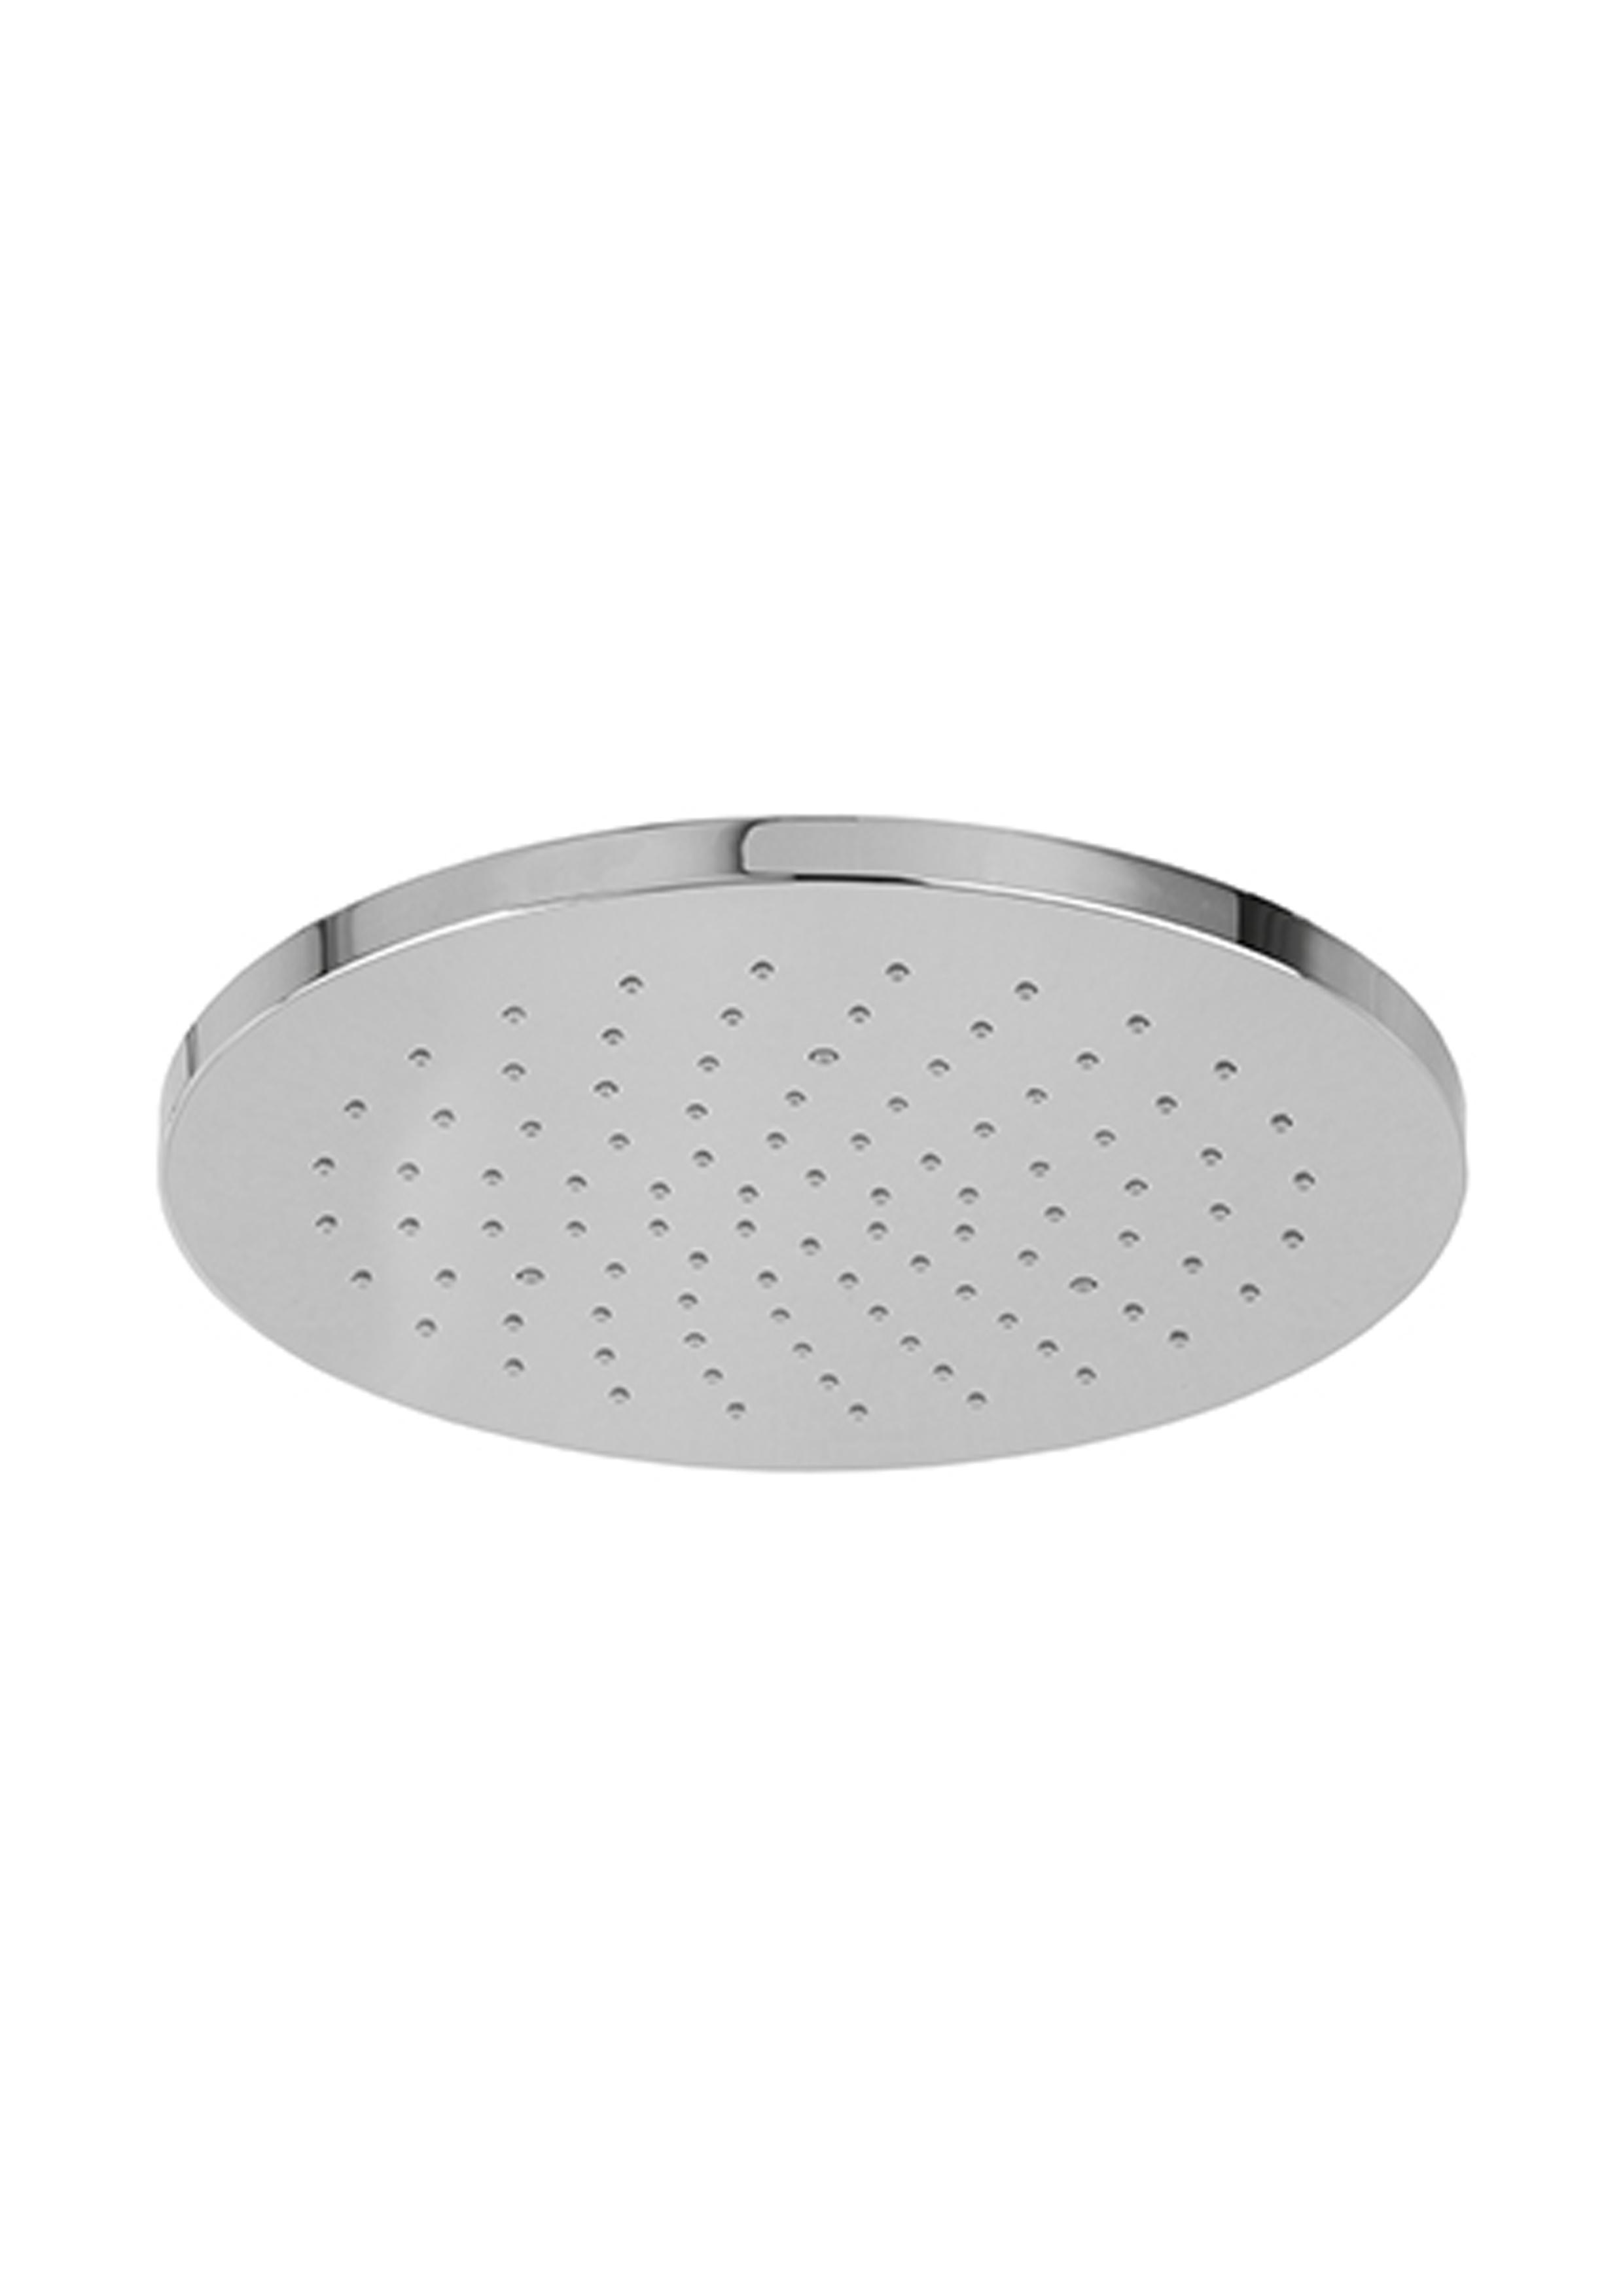 Immagine HD ABS shower head D=250 mm ROUND